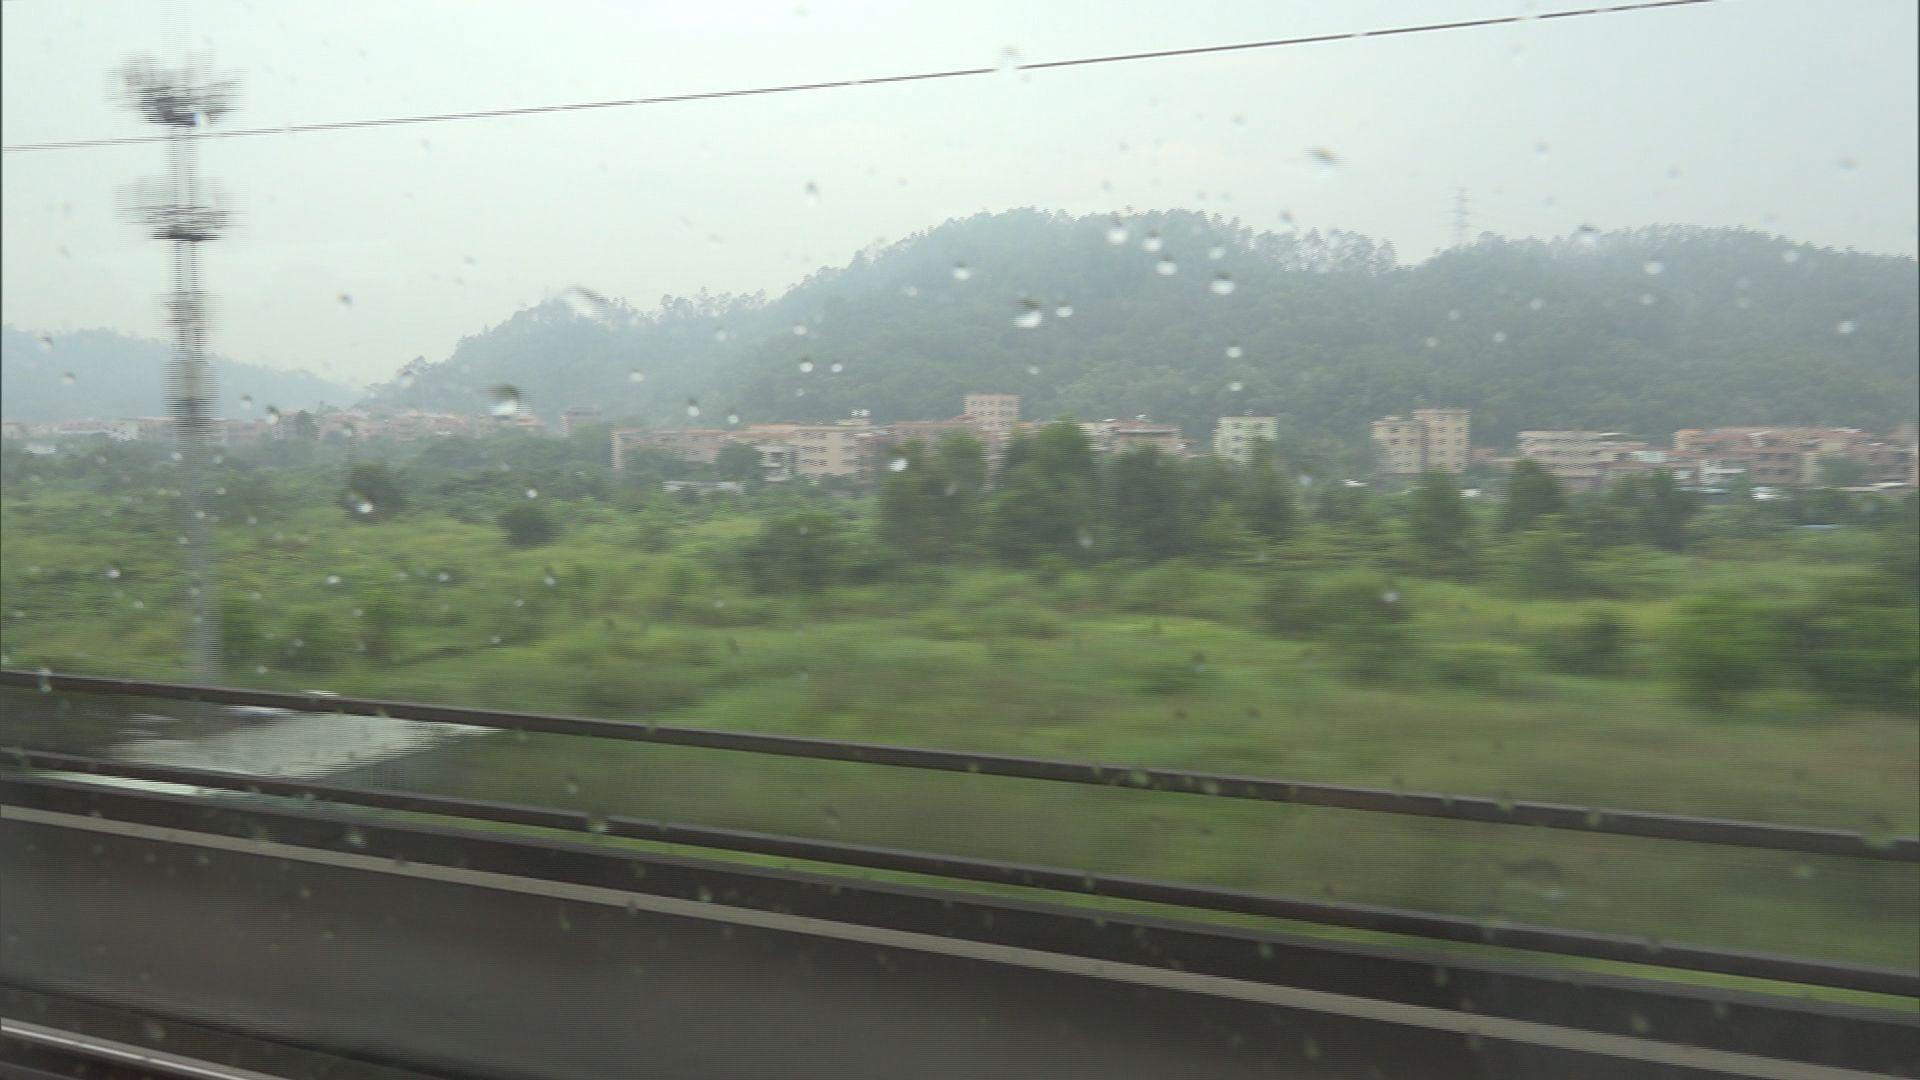 高鐵列車按內地要求減慢大雨下行車速度